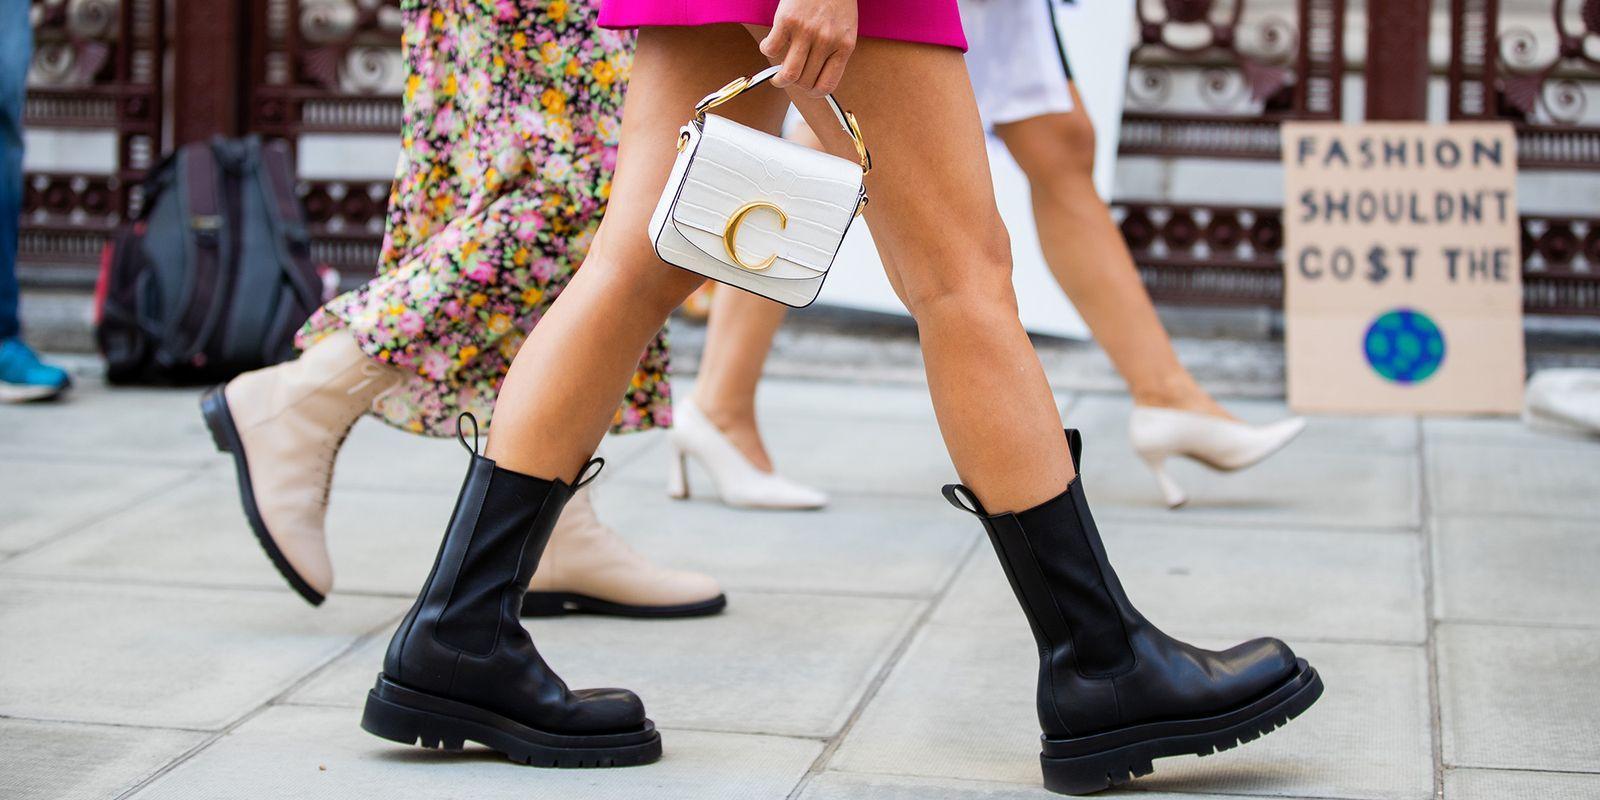 7 scarpe must della moda autunno su Zalando per affrontare l'inverno con il piede giusto